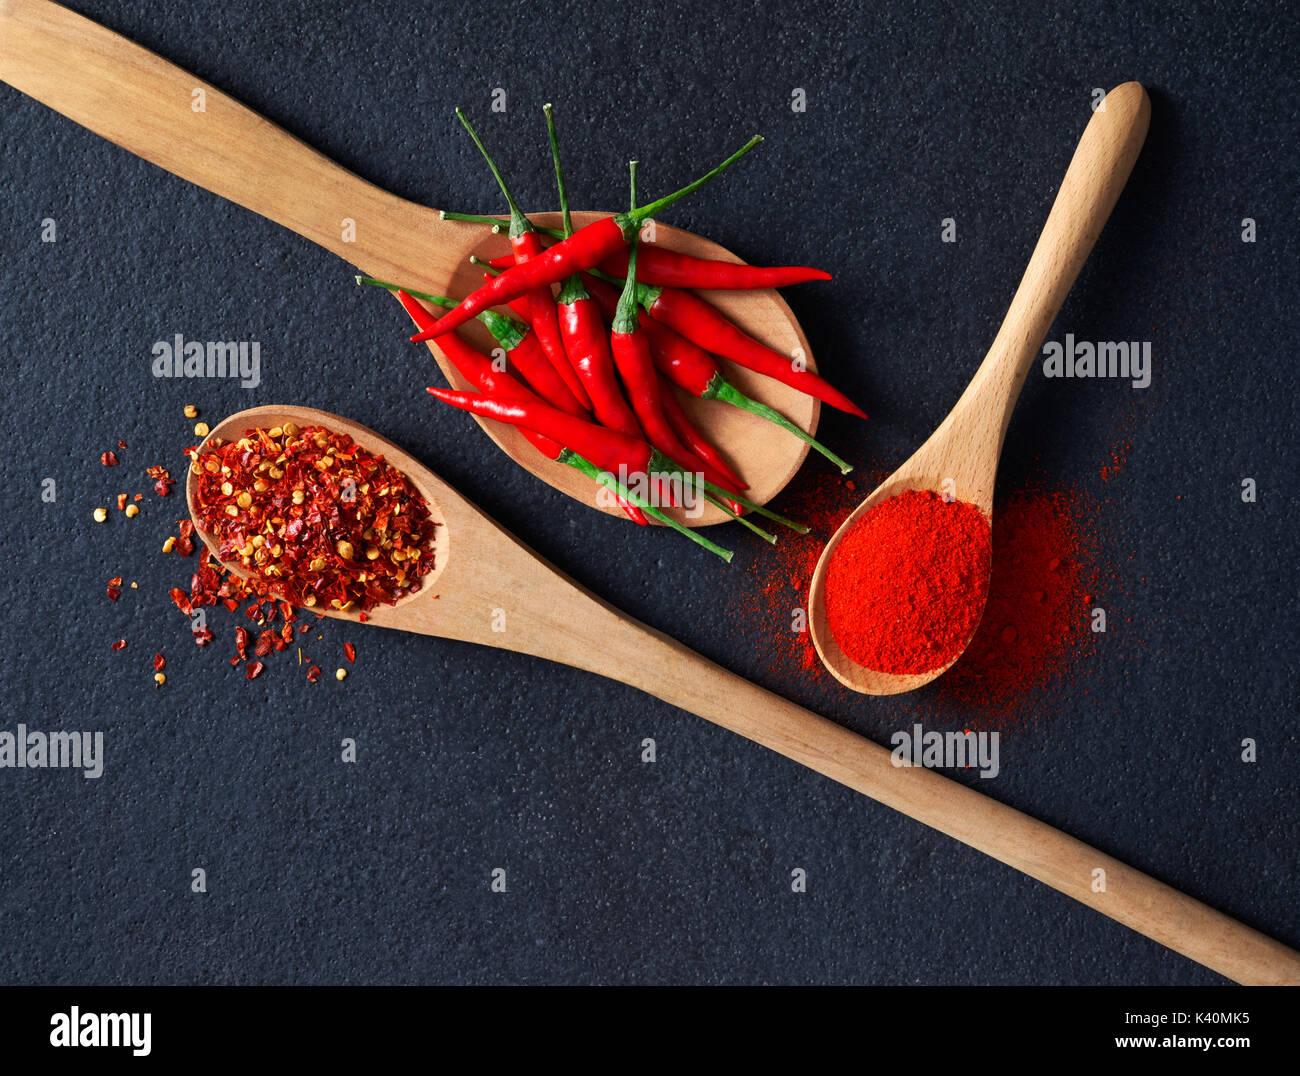 Cuillère en bois remplis de piment, de flocons de poivron rouge et de piment en poudre Photo Stock